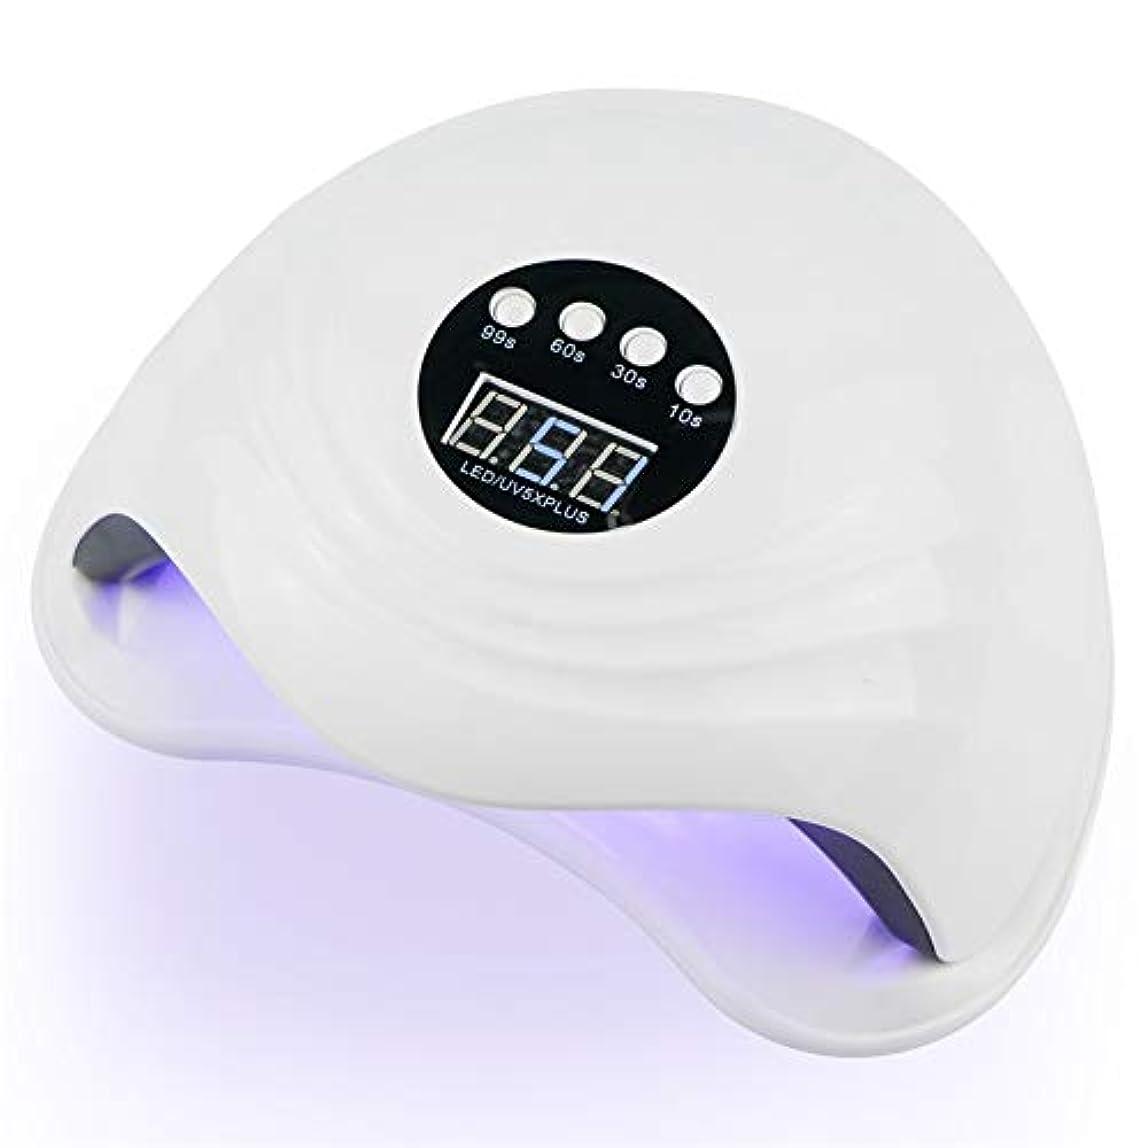 ZHQI-NAIL 108W紫外線LEDの釘ランプの釘のドライヤー二重手36 PCS LED紫外線ランプの日光ランプの治療のための紫外線ゲルのマニキュアをセンサーLCD表示 (色 : 白, Size : Eu plug)